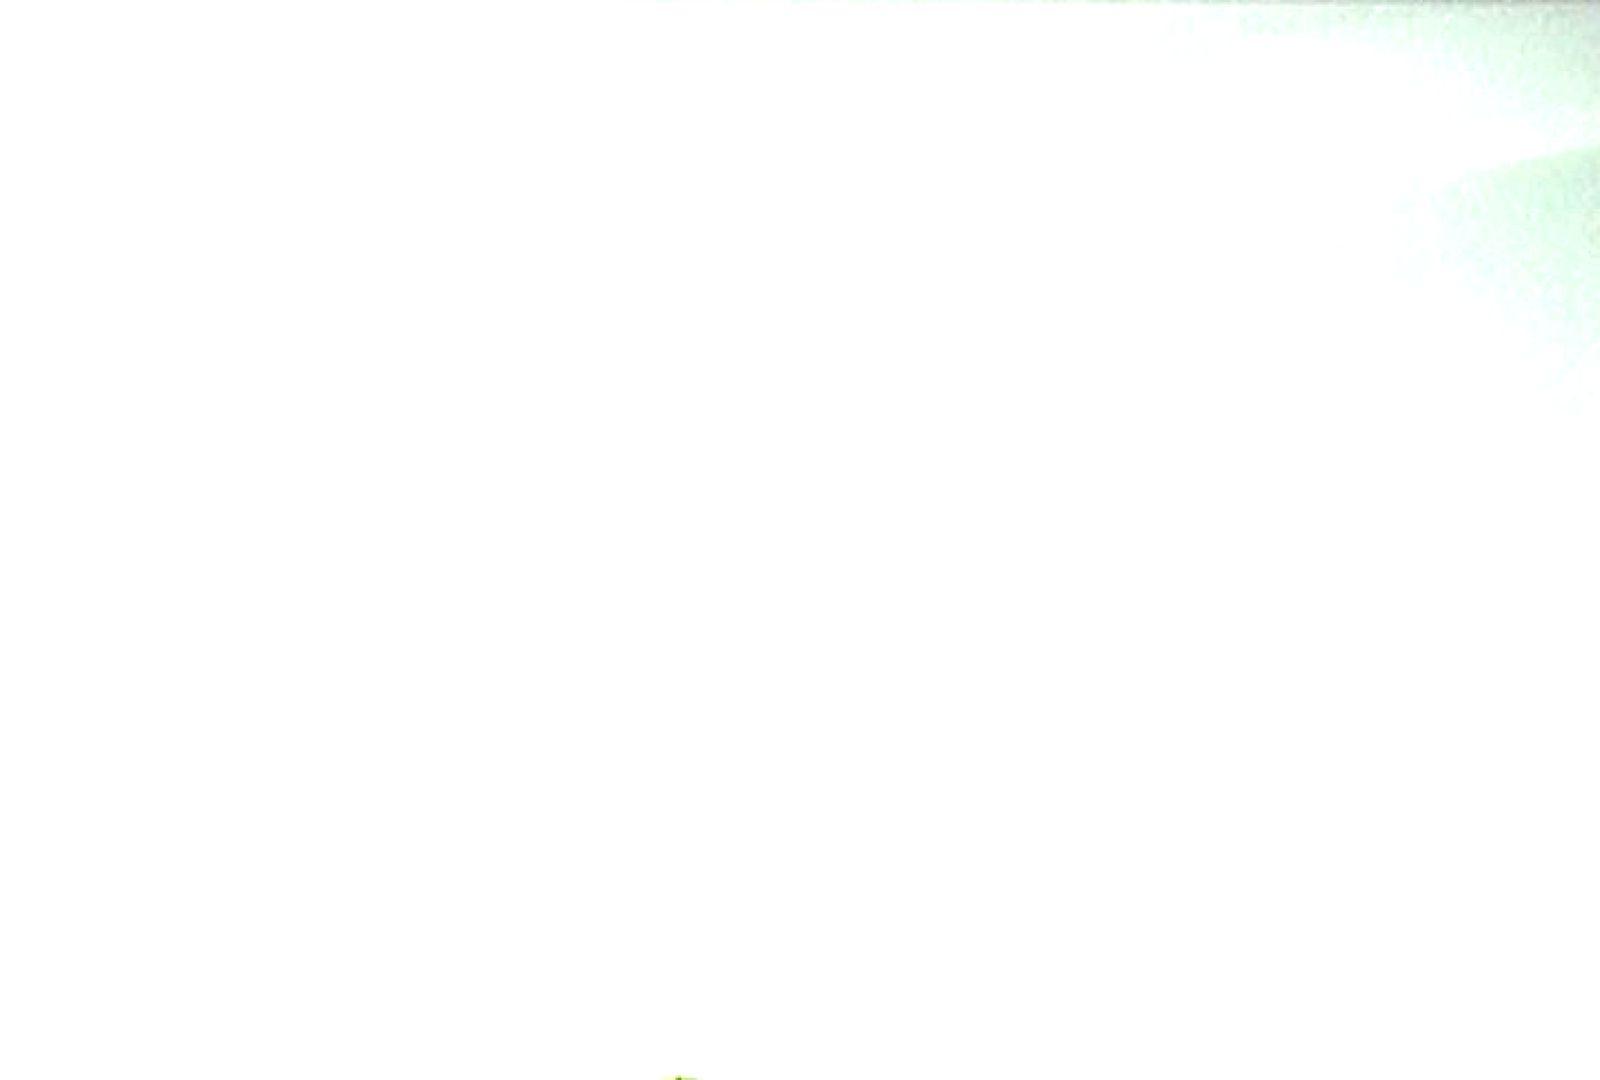 充血監督の深夜の運動会Vol.62 OLエロ画像 | 濃厚セックス  73PICs 19